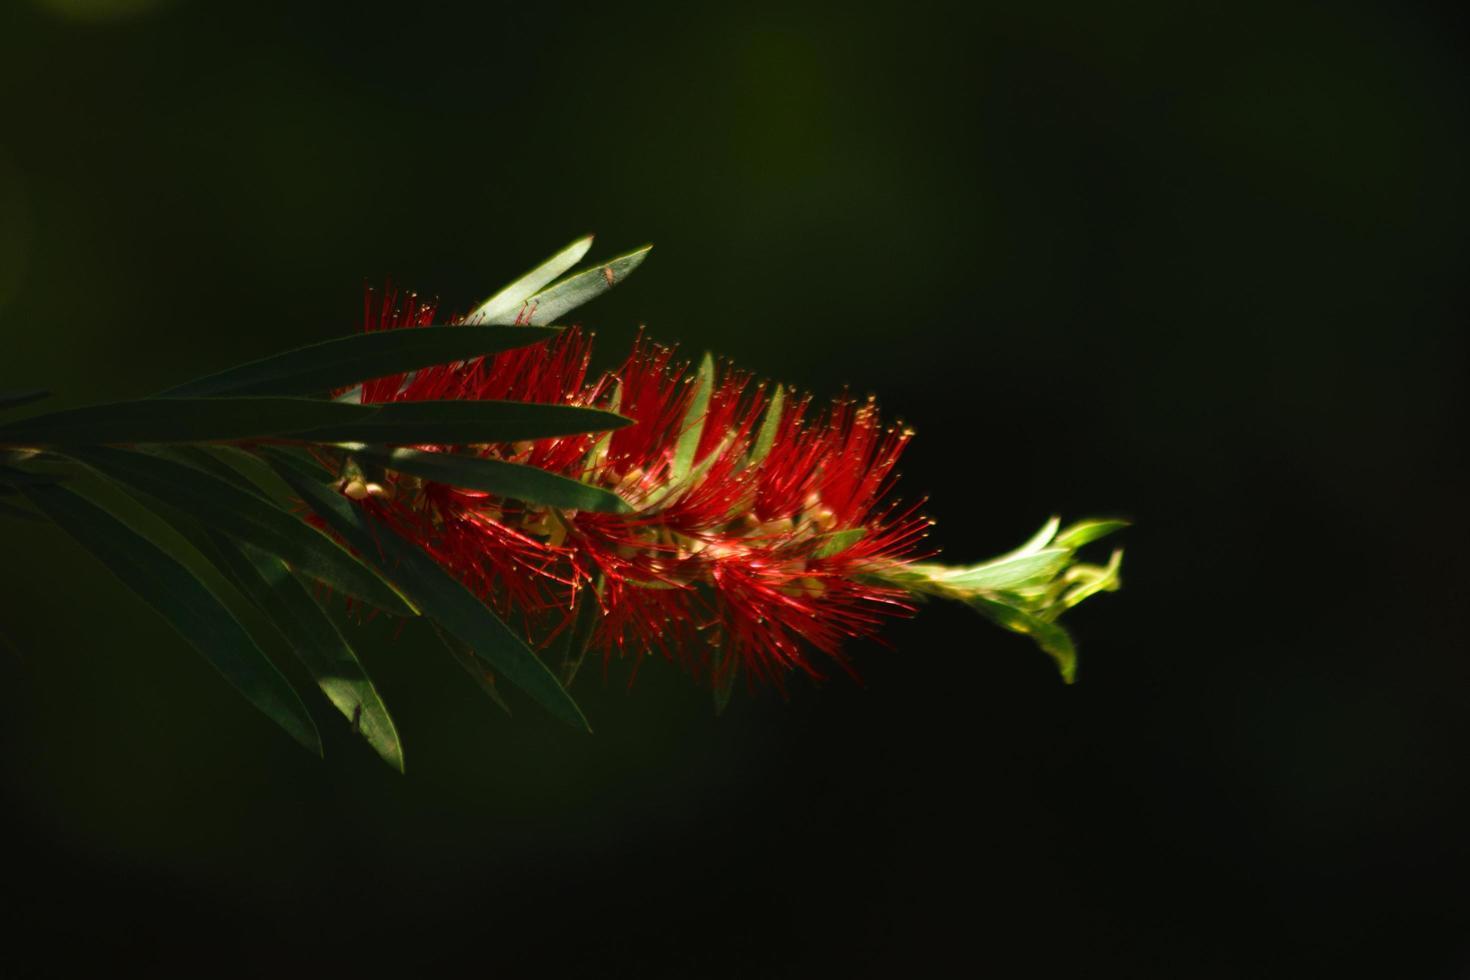 fleur rouge solitaire atteint la lumière photo